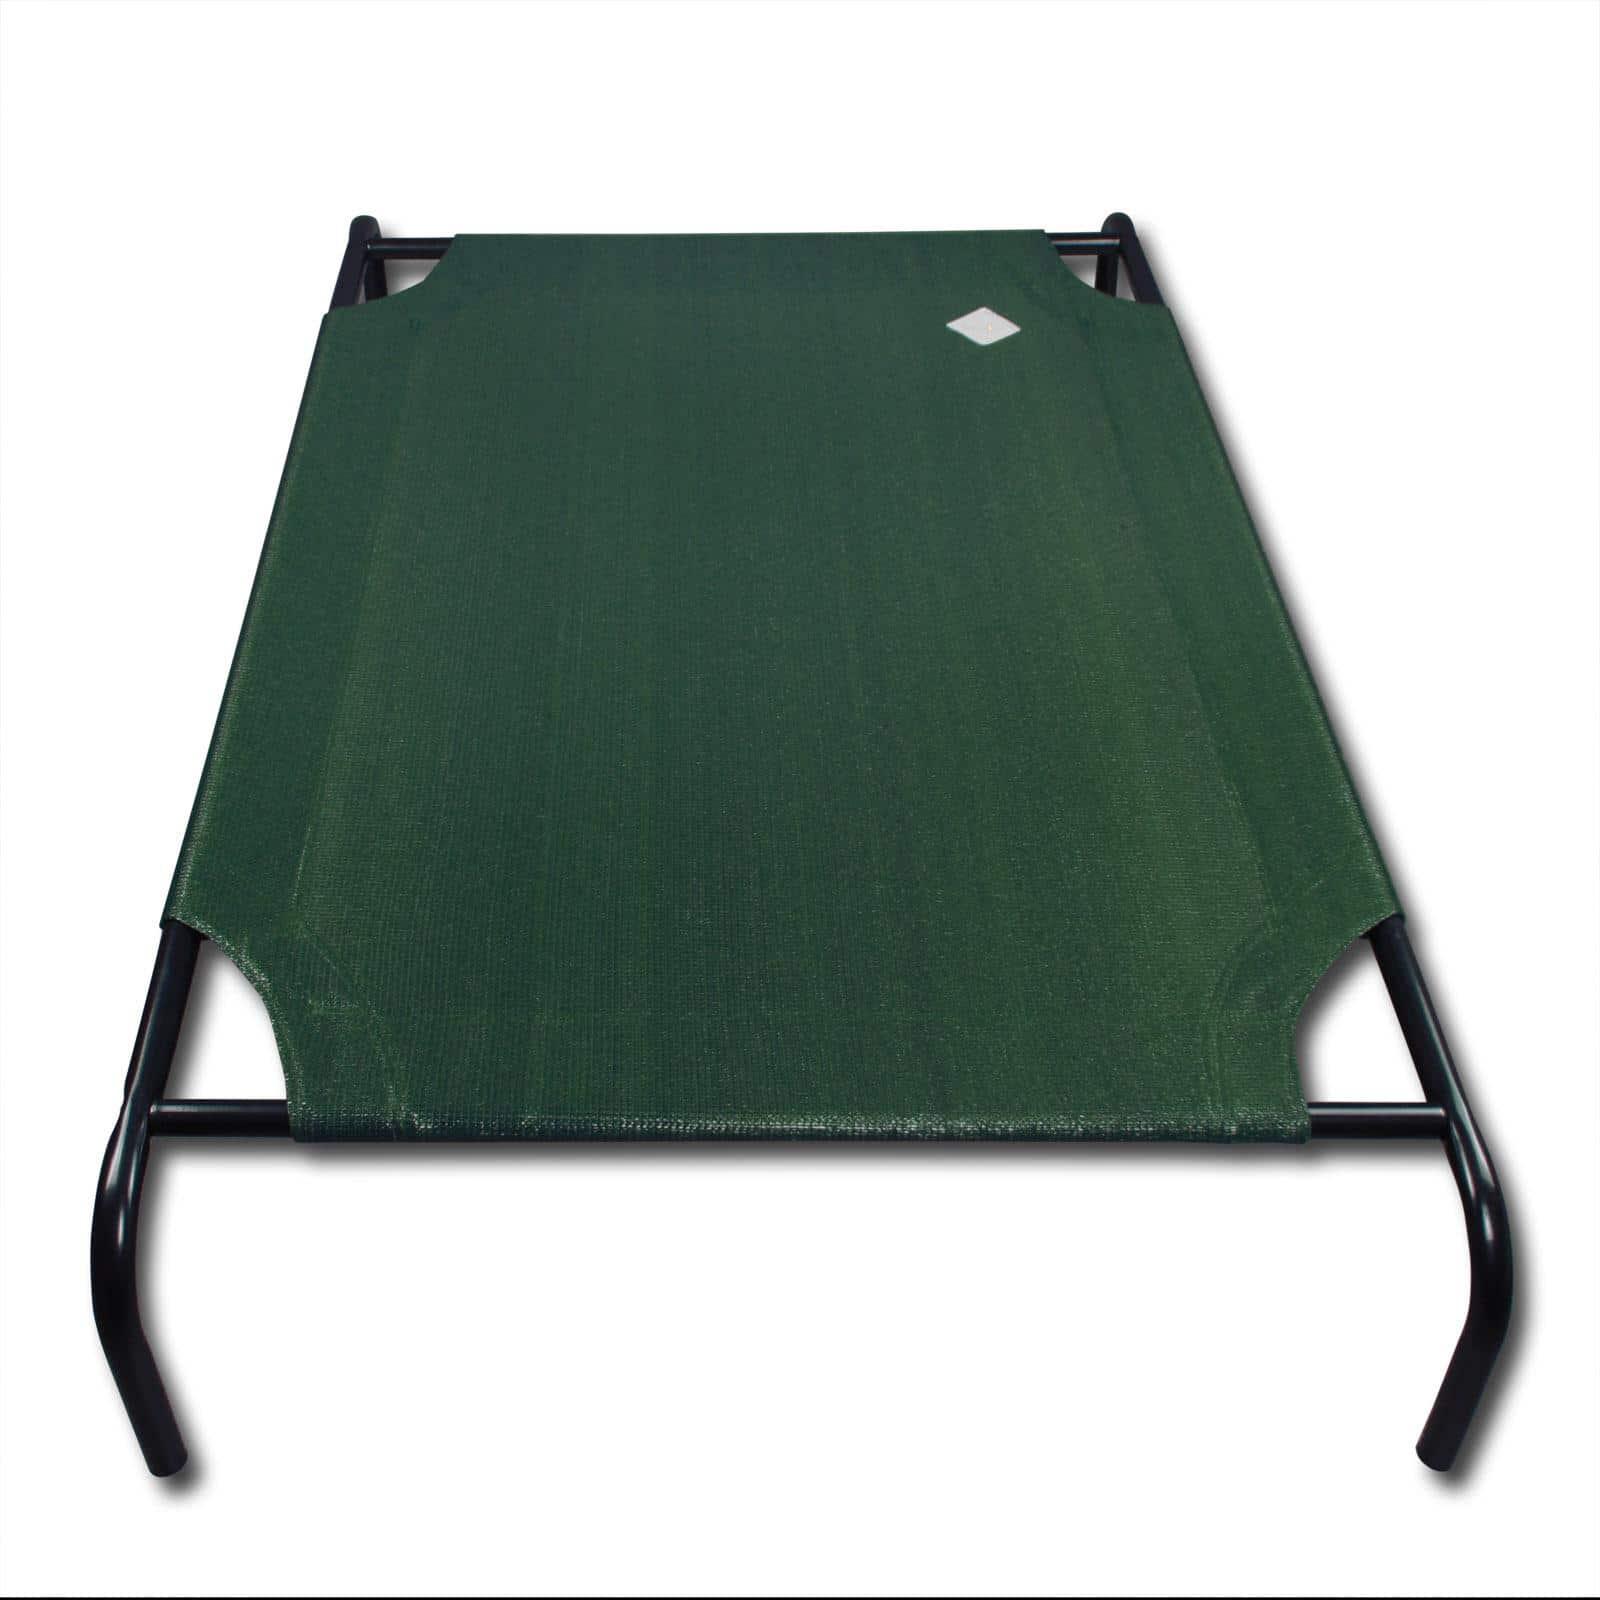 4animalz Honden Ligbed - Ventilerend - Groen - Medium - 90x65cm